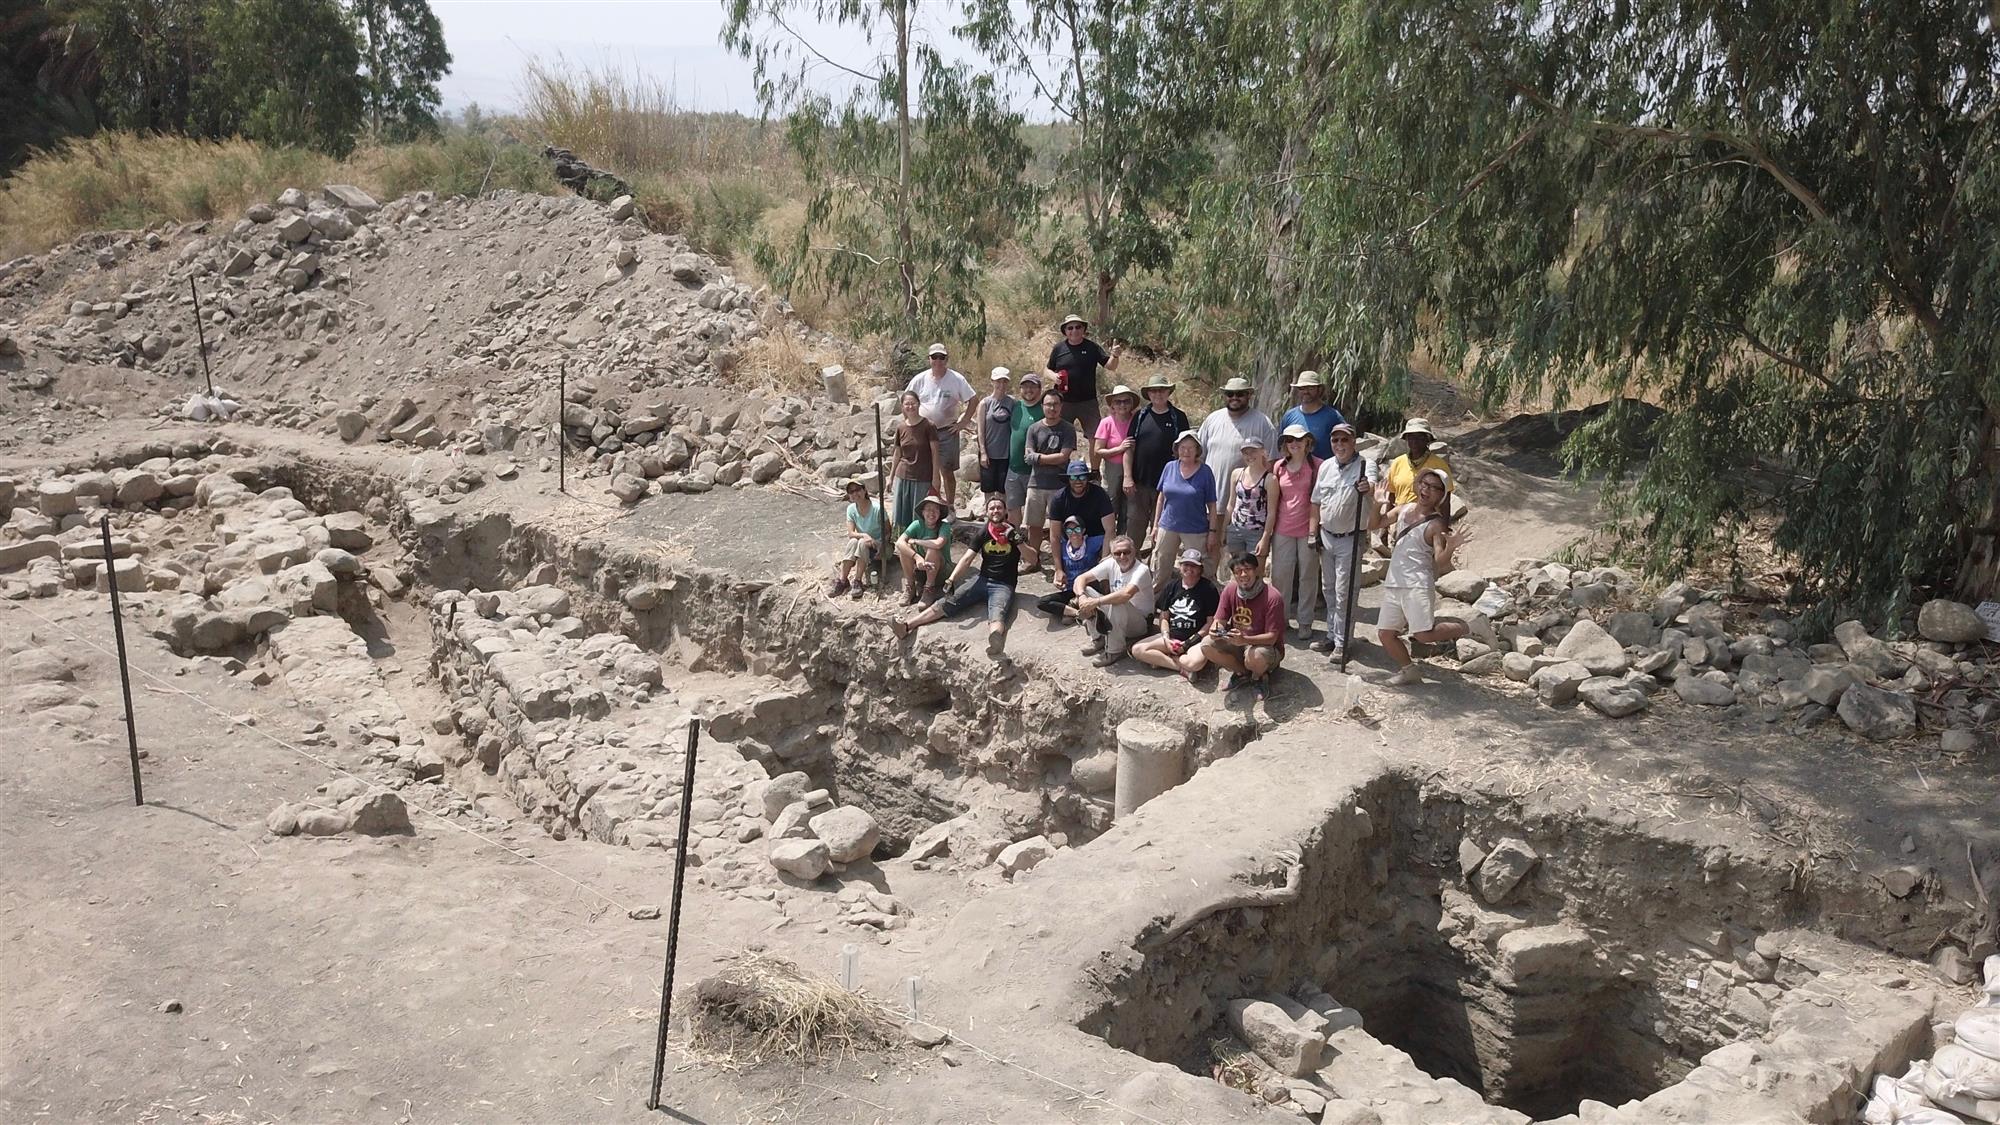 Hallan Bethsaida, lugar del milagro de los panes y peces